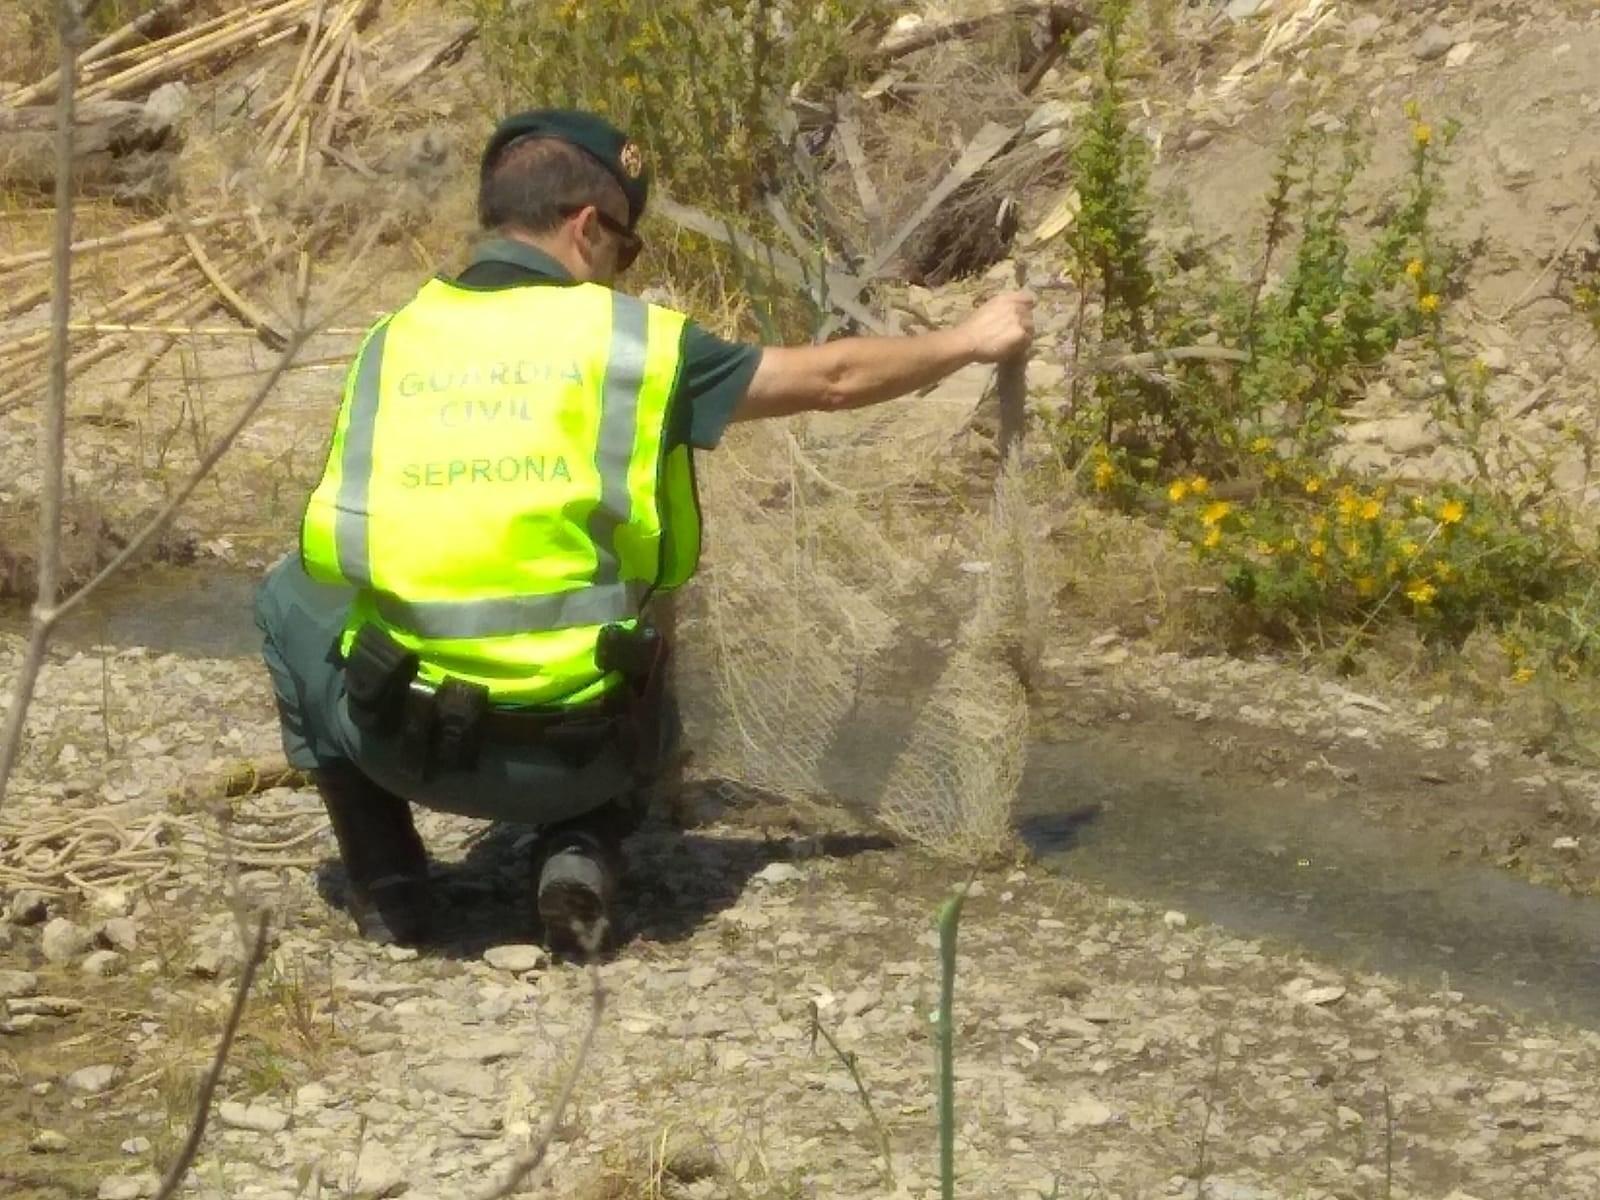 Detenido en Almuñecar tras hurtar presuntamente 700 kilos de mangos